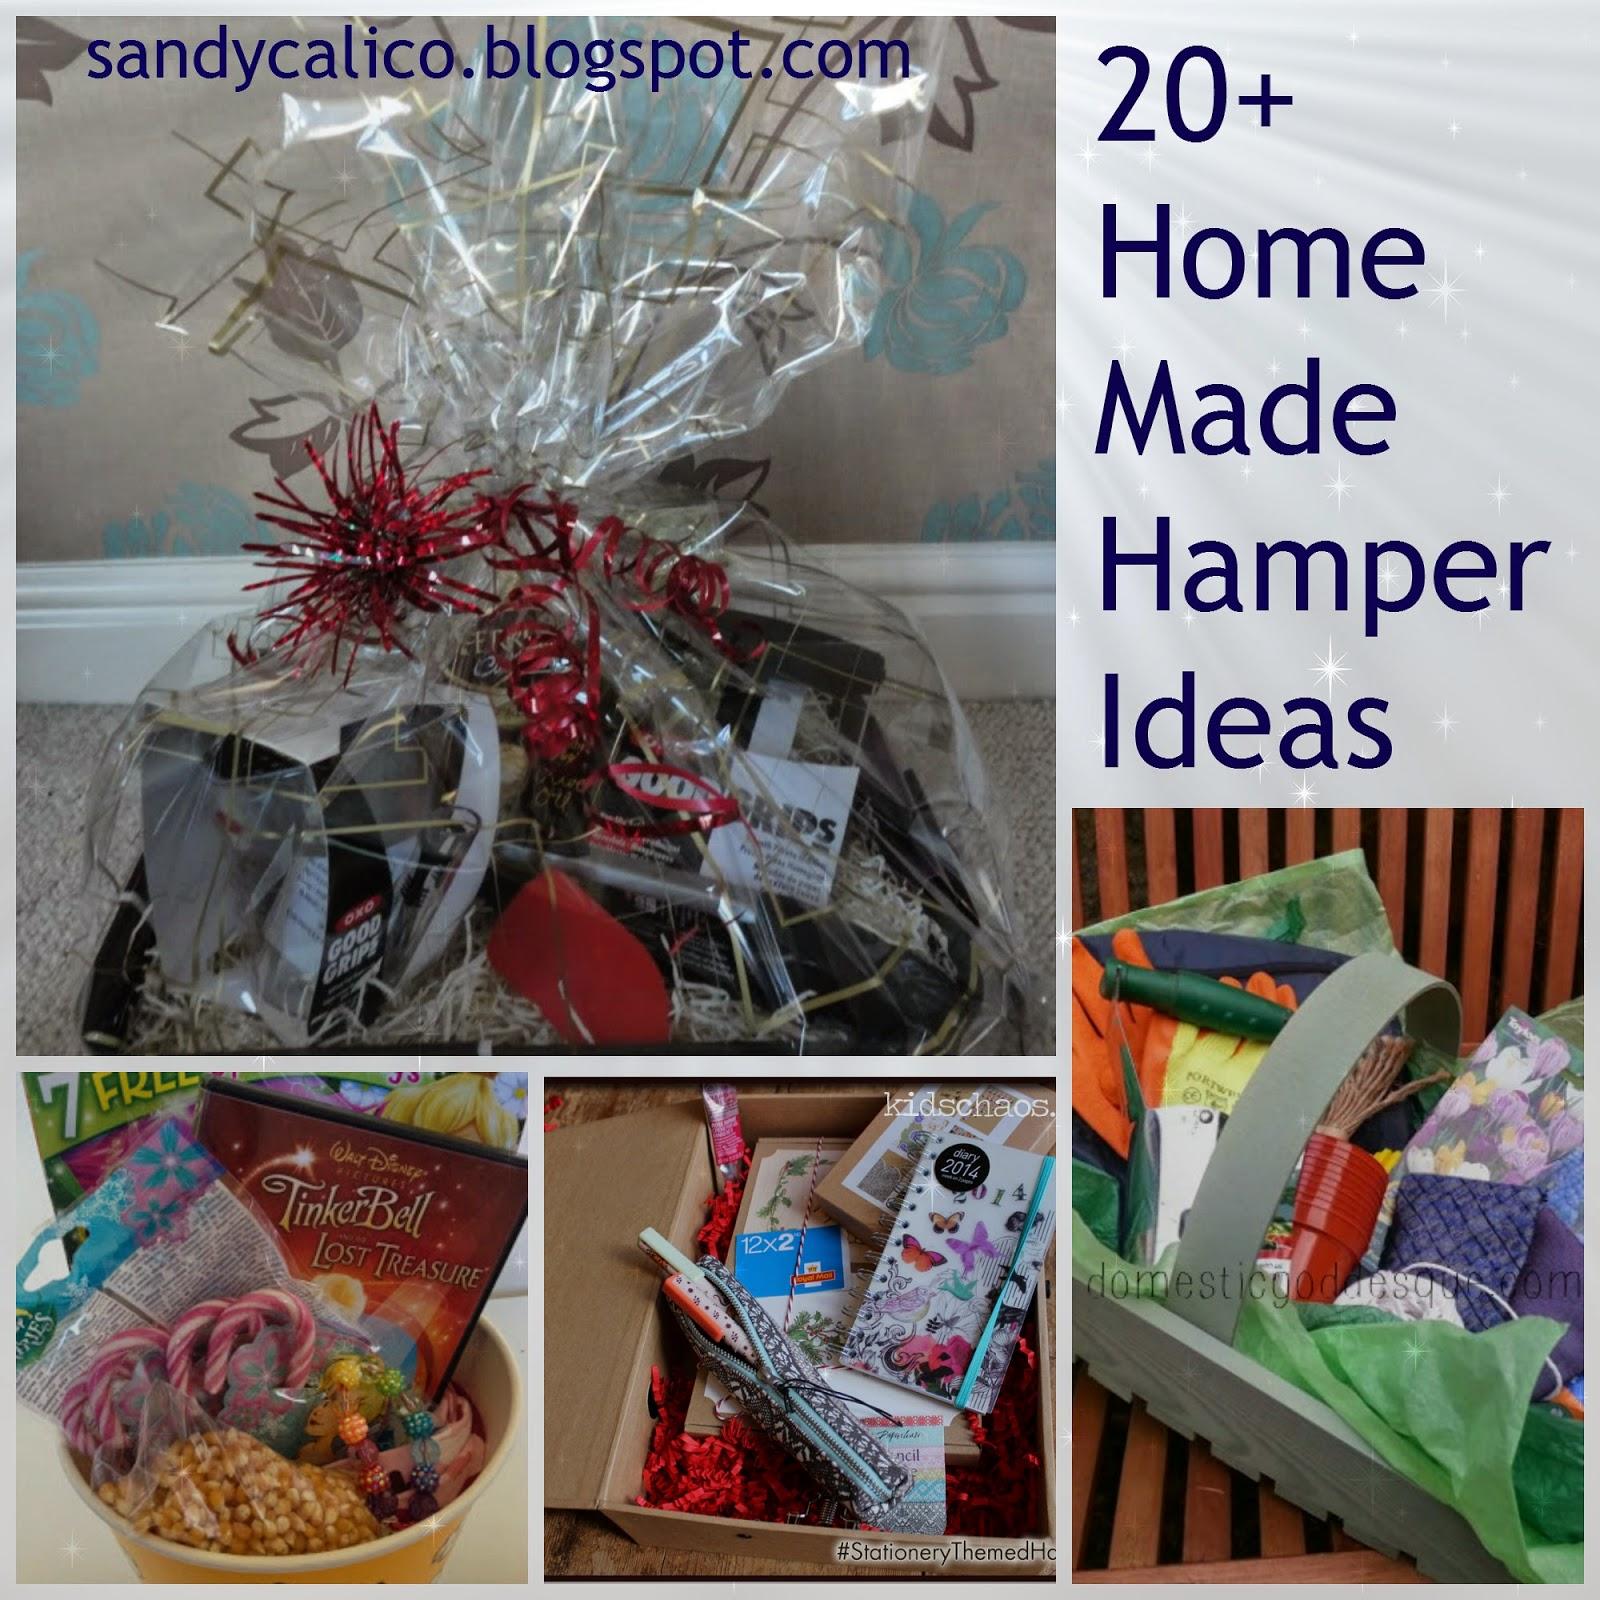 20 Home Made Hamper Ideas